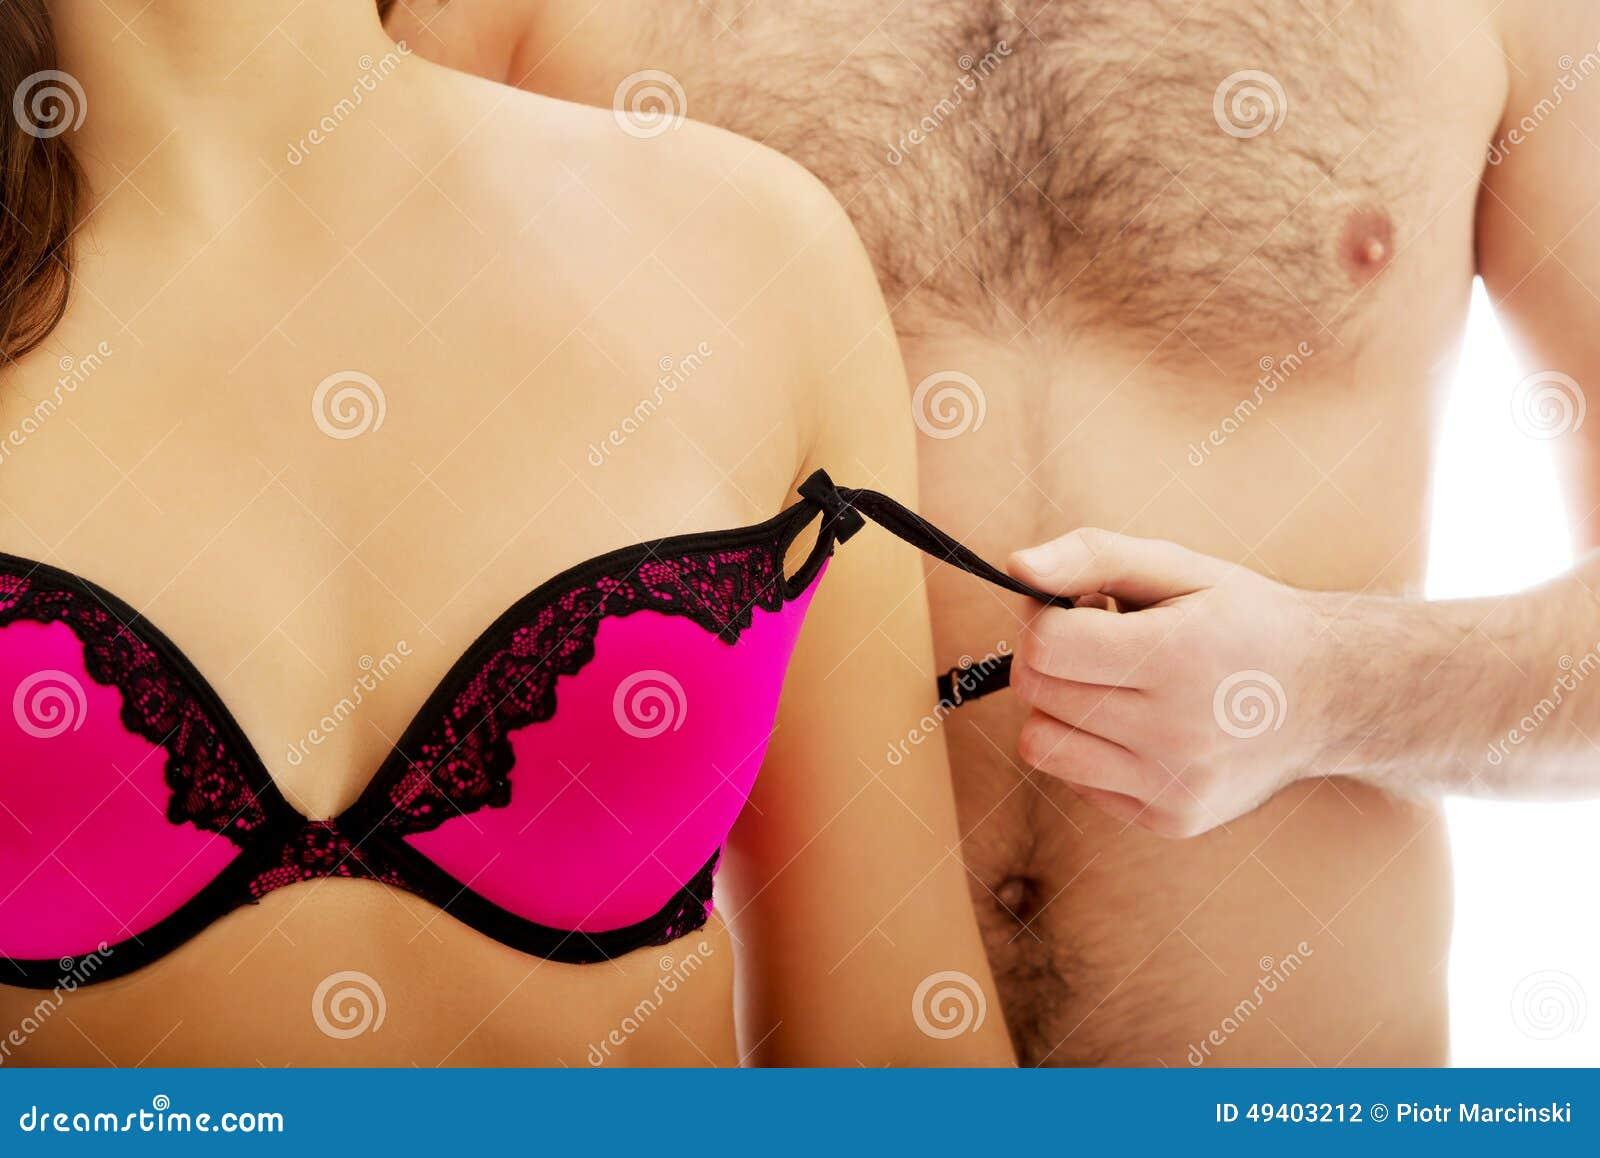 Download Männer, Die Den BH Der Frau Entfernen Stockfoto - Bild von karosserie, zerreißen: 49403212